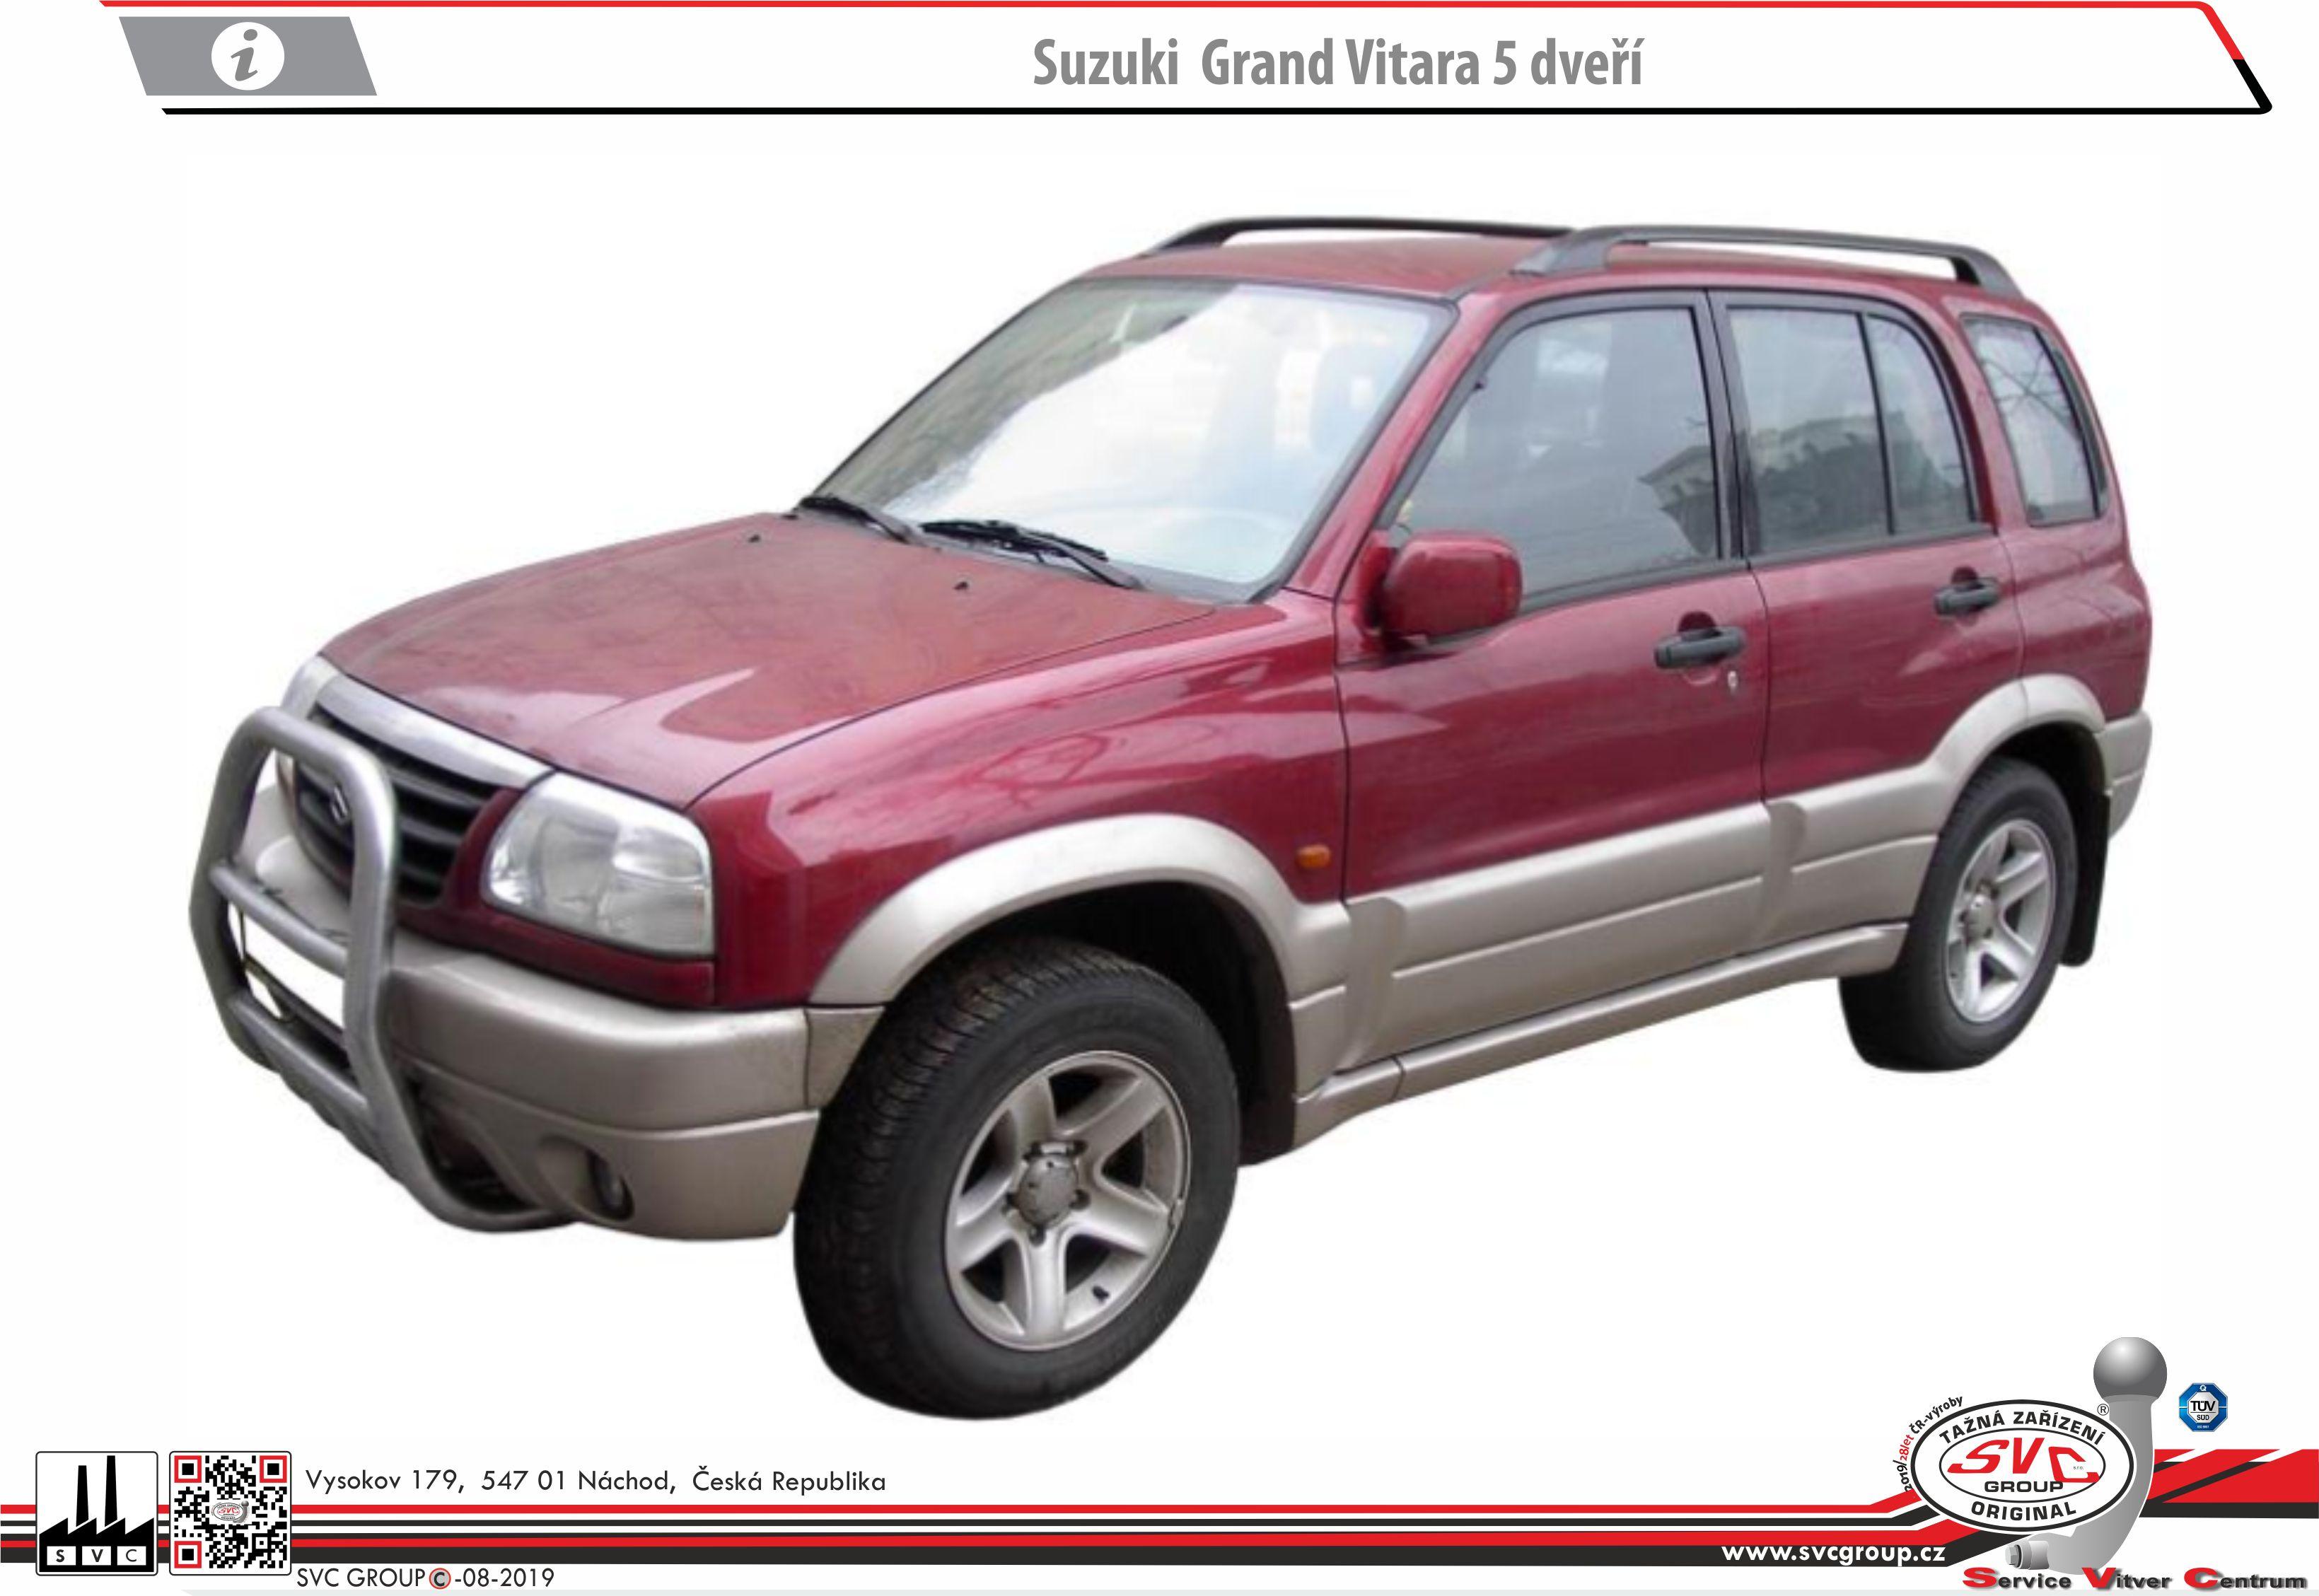 Suzuki Vitara Grand 5 Dveřové provedení